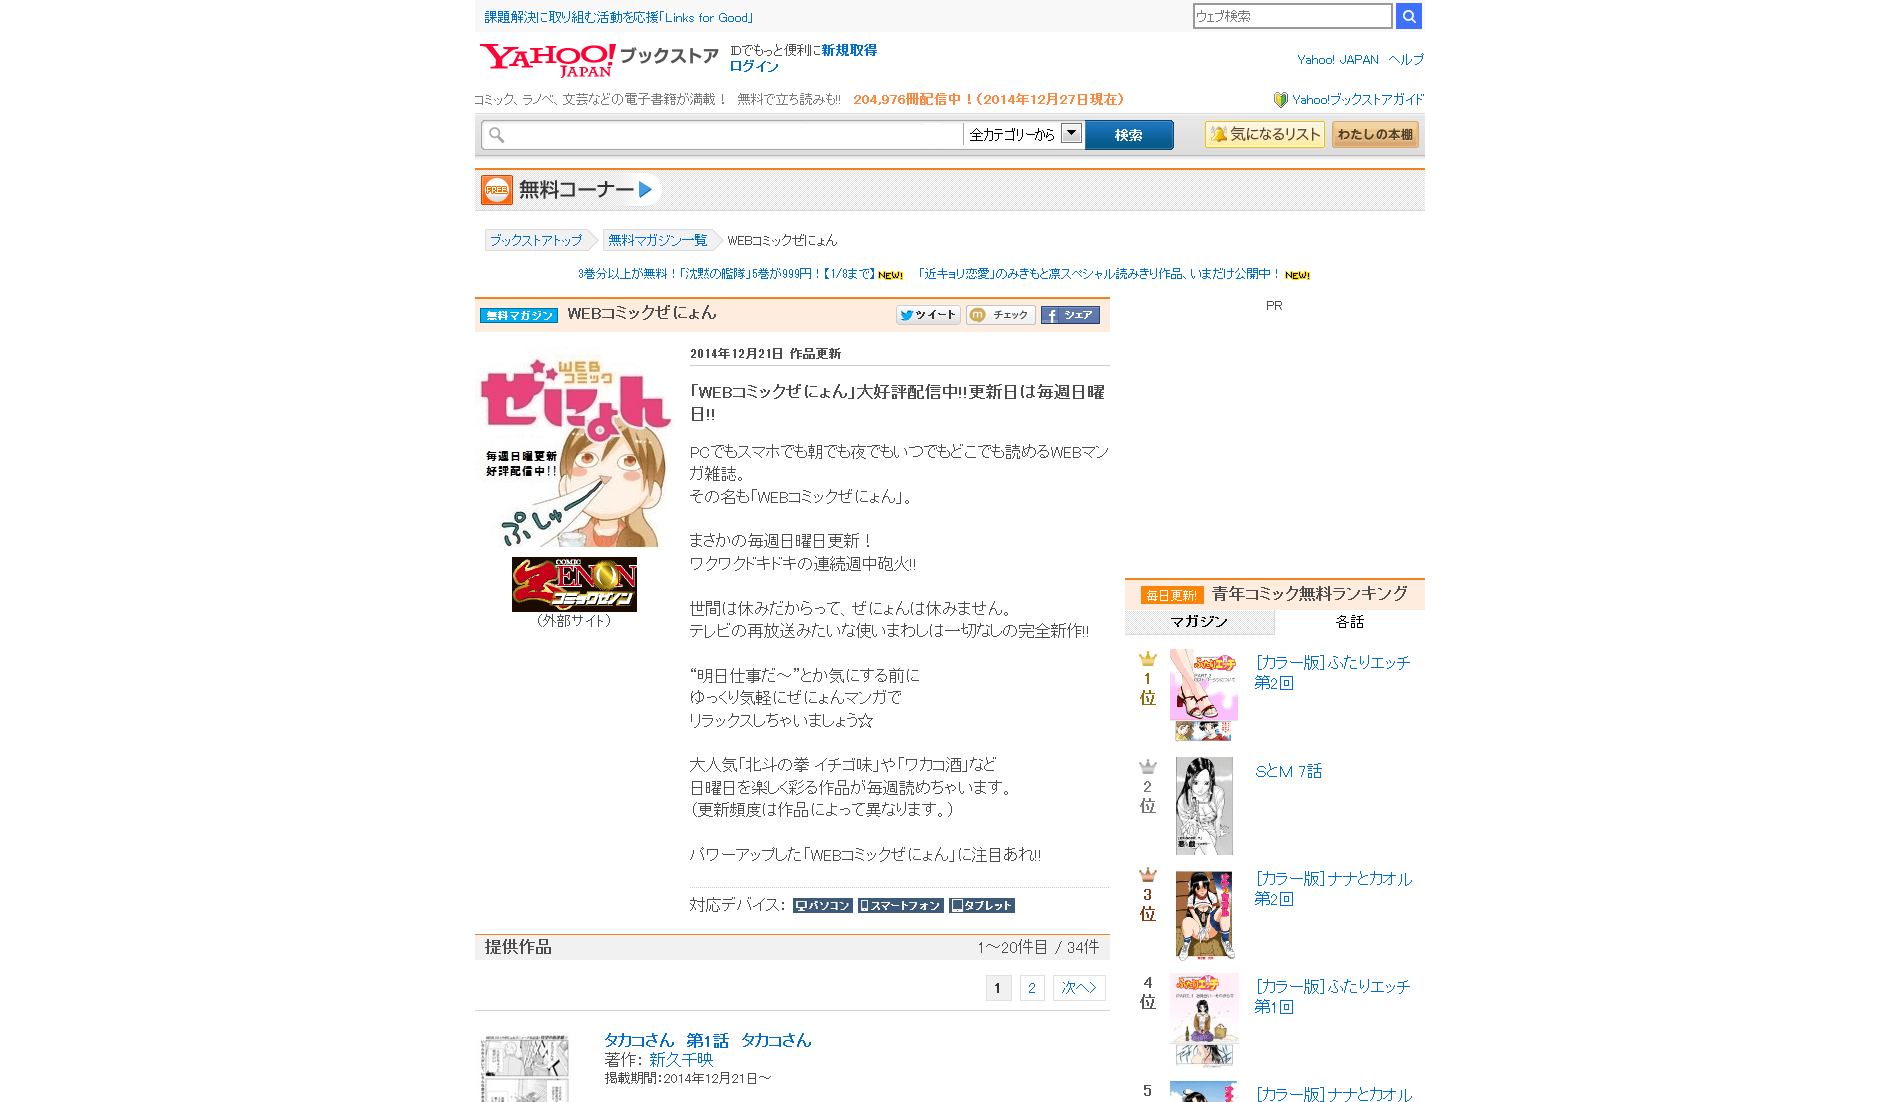 WEBコミックぜにょん - Yahoo!ブックストア